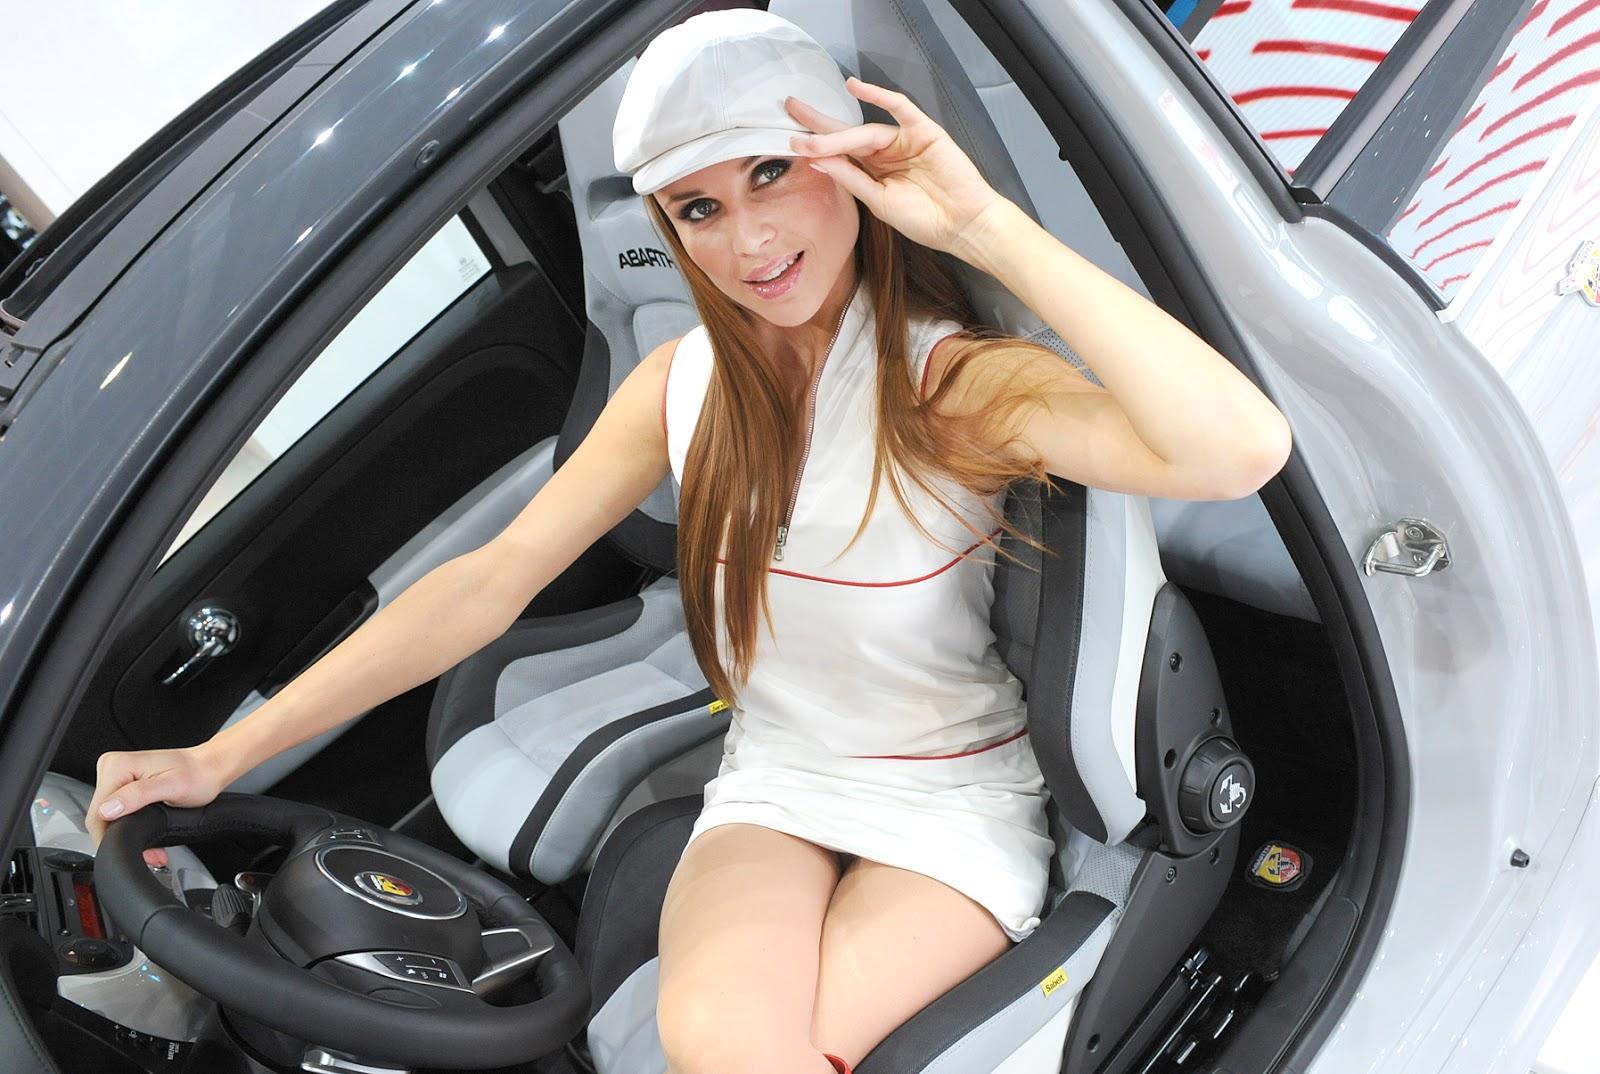 autoshow1 Λαμπρές πρεμιέρες στην έκθεση αυτοκινήτου το Σάββατο 22 Οκτωβρίου autoshow, Αυτοκίνηση, ΑΥΤΟΚΙΝΗΣΗ 2016, ΦΙΛΠΑ